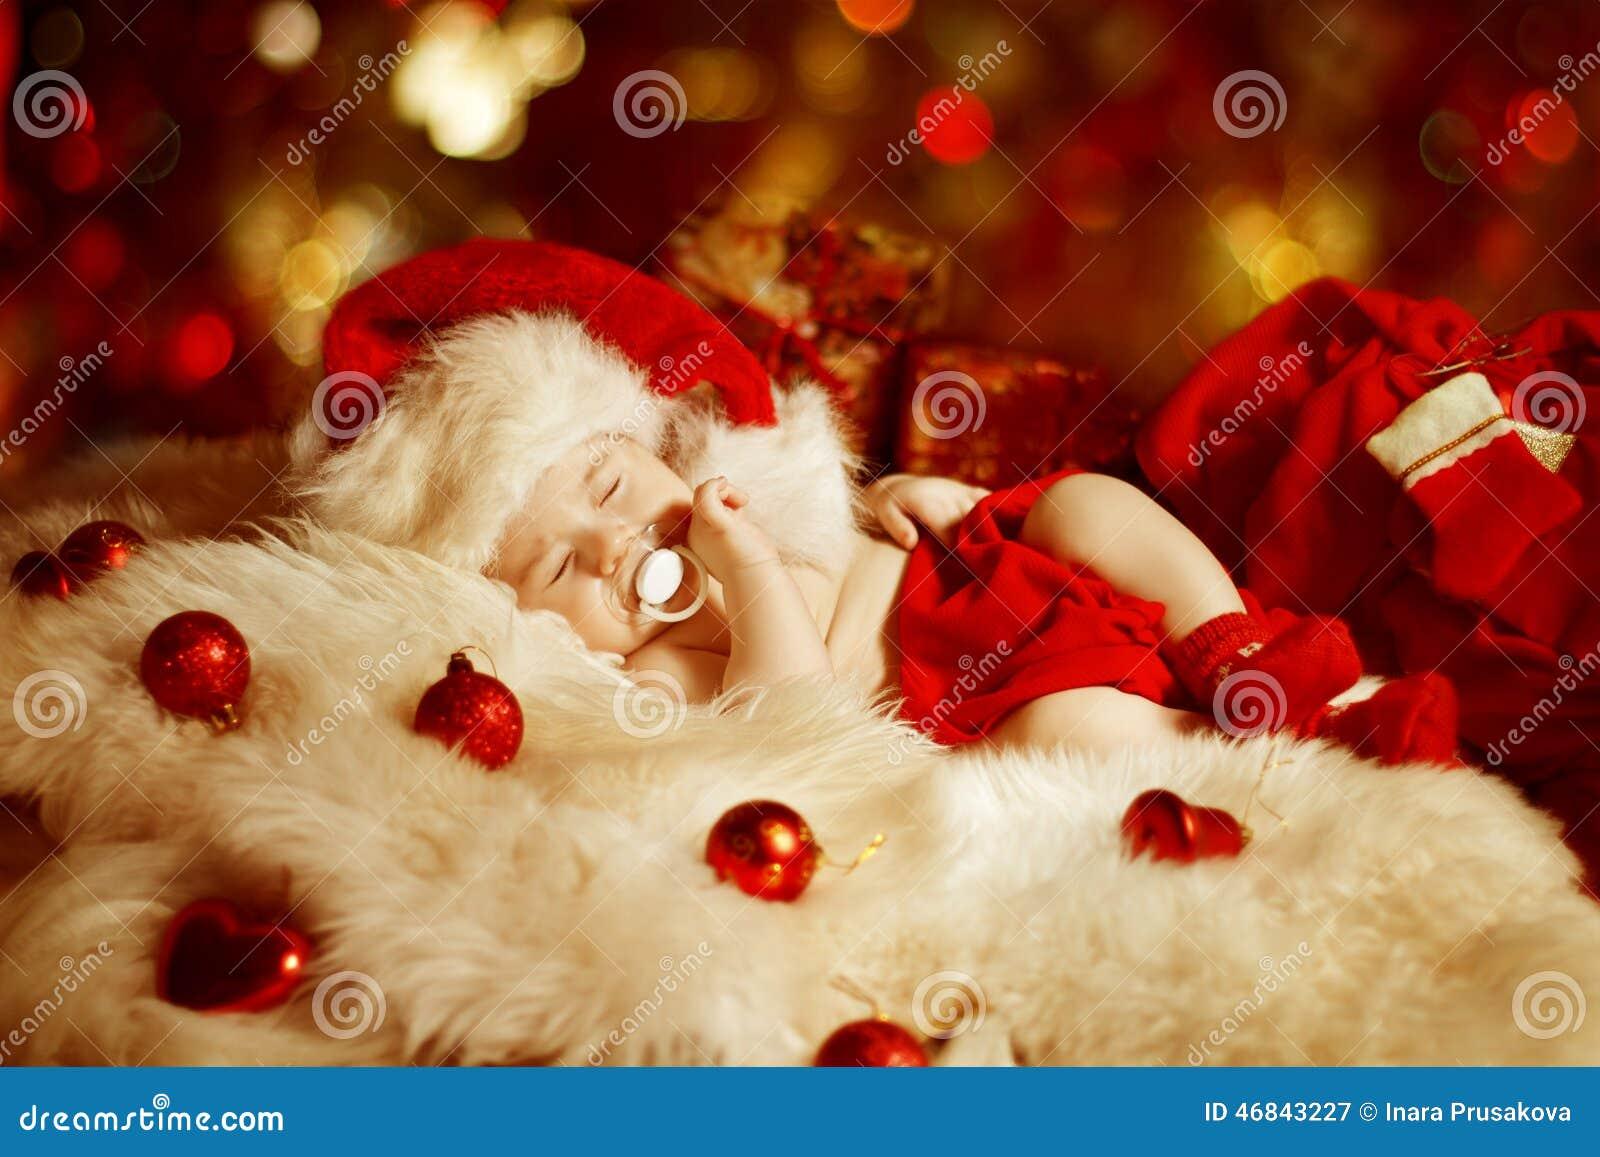 Bebé de la Navidad, niño recién nacido que duerme como regalo de Navidad en Santa Hat